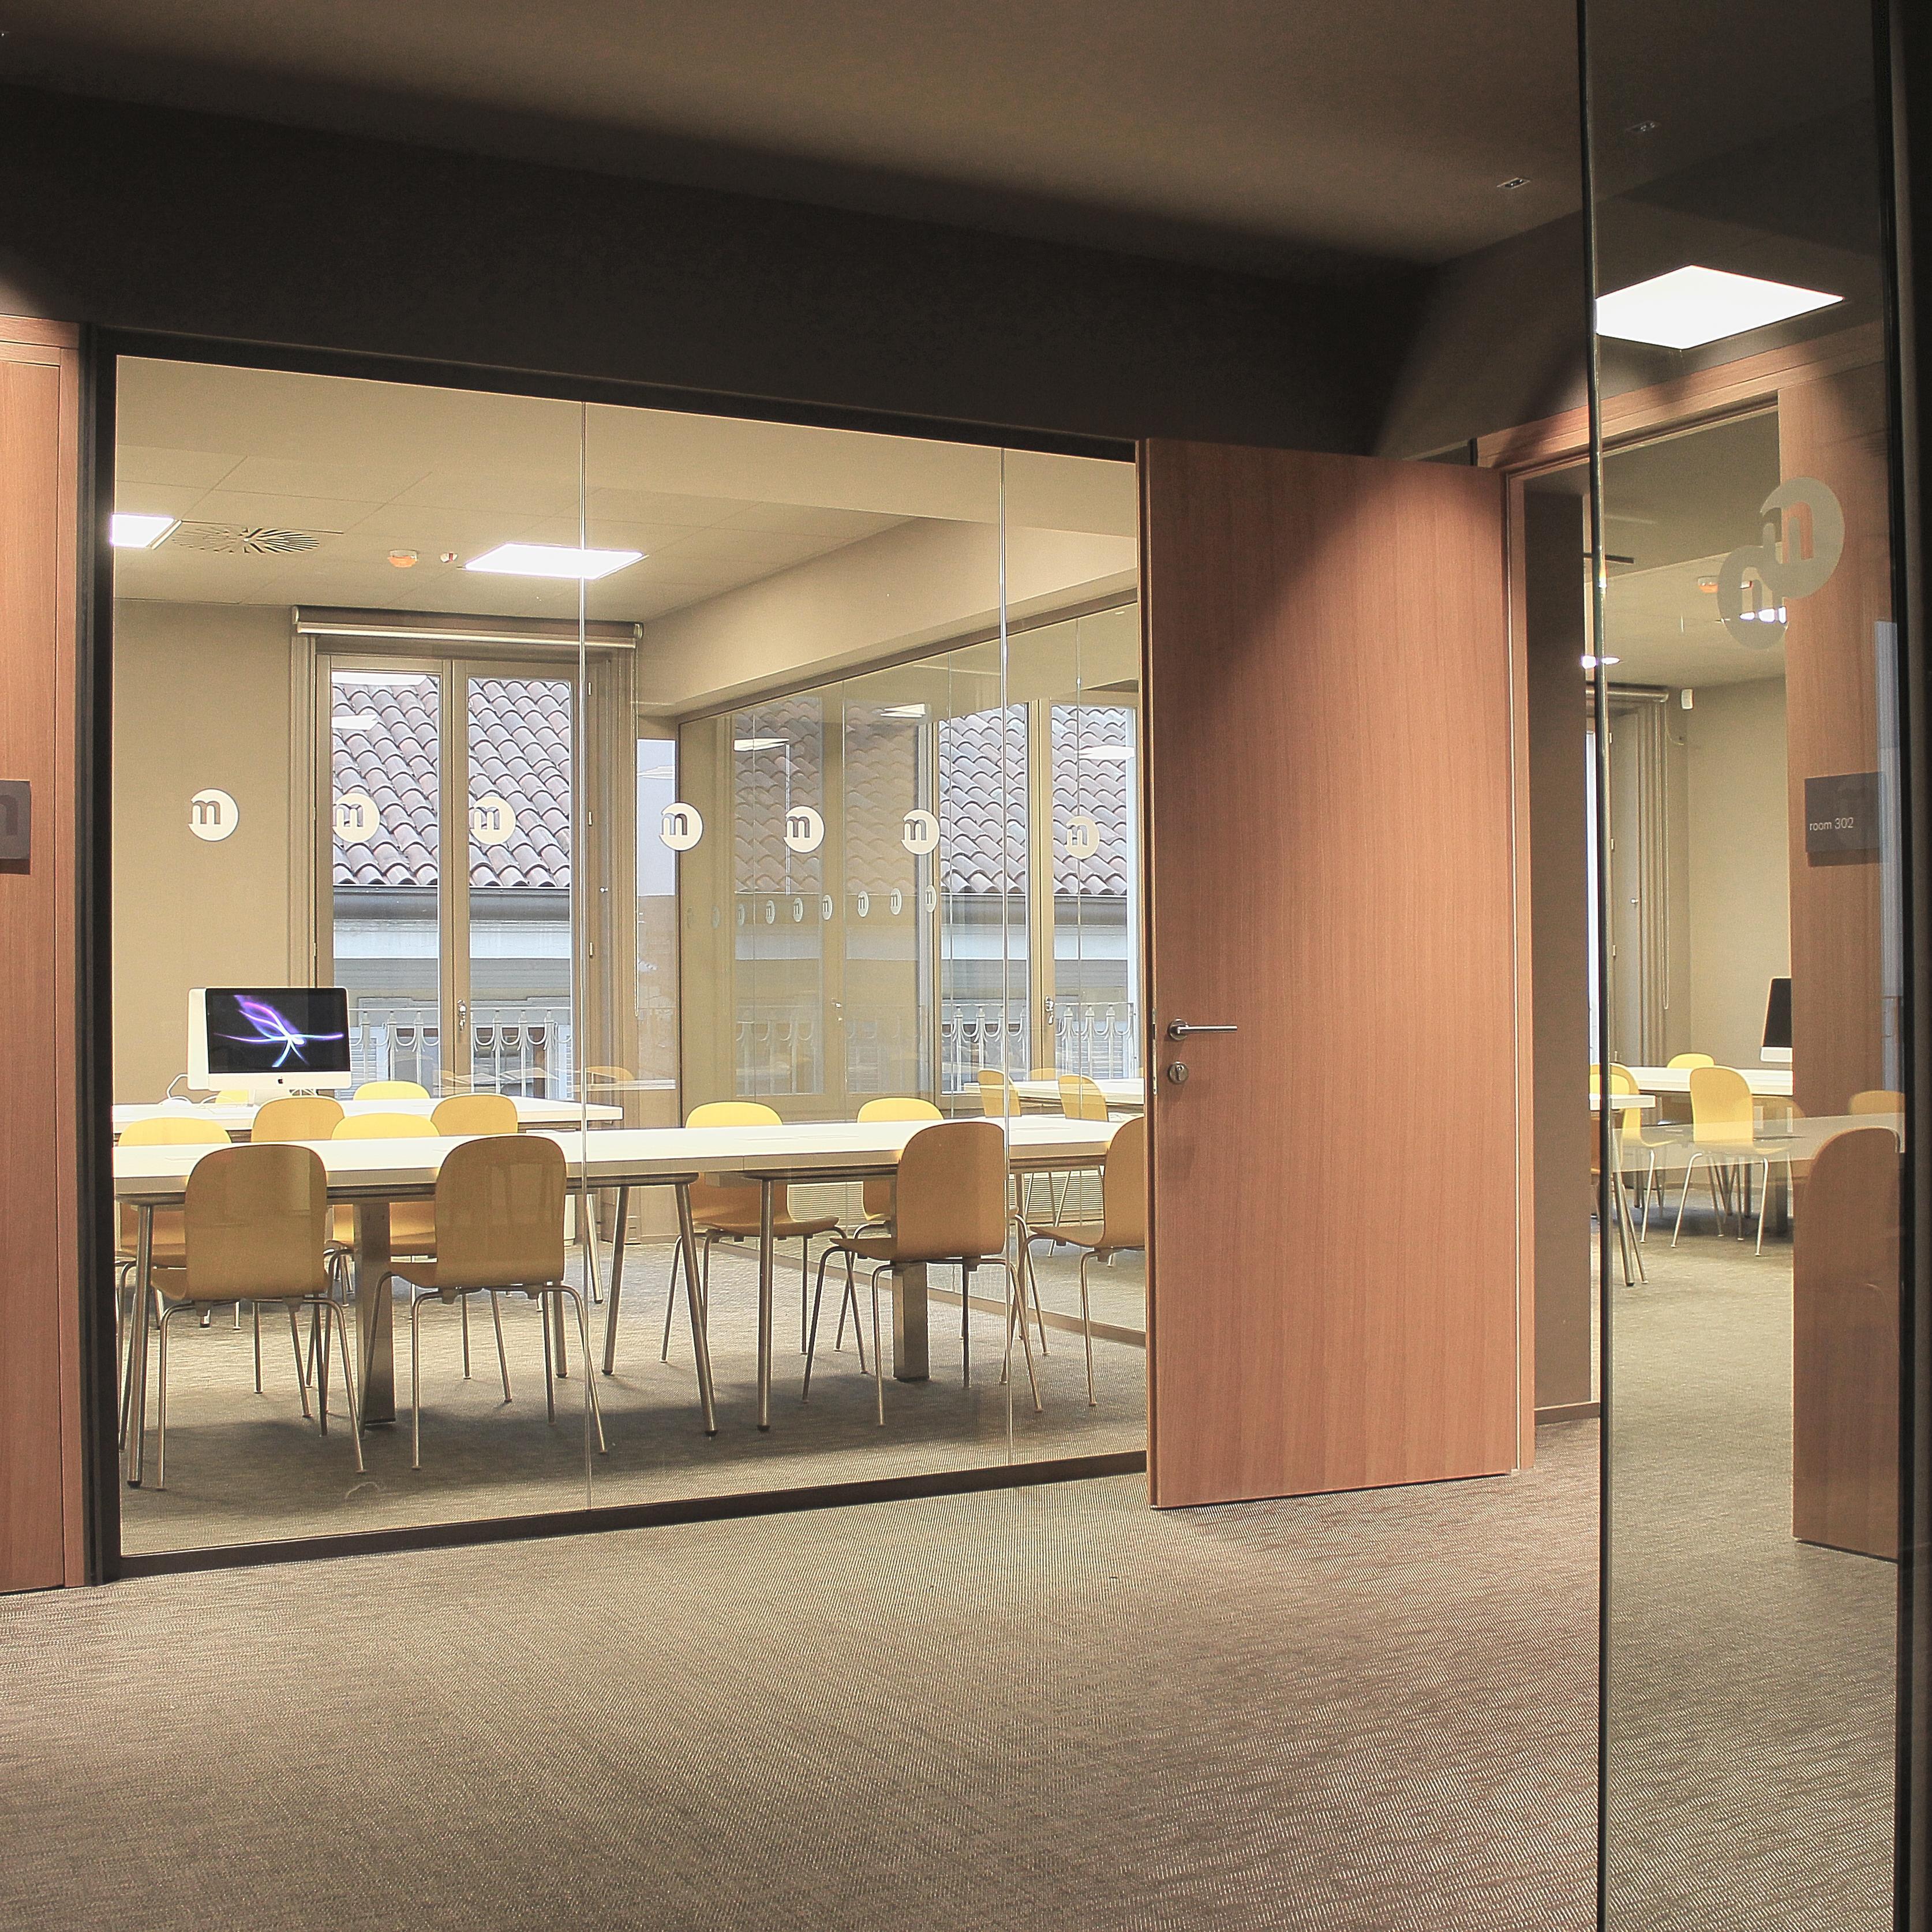 Non solo moda marangoni apre la scuola di design for Scuola design milano